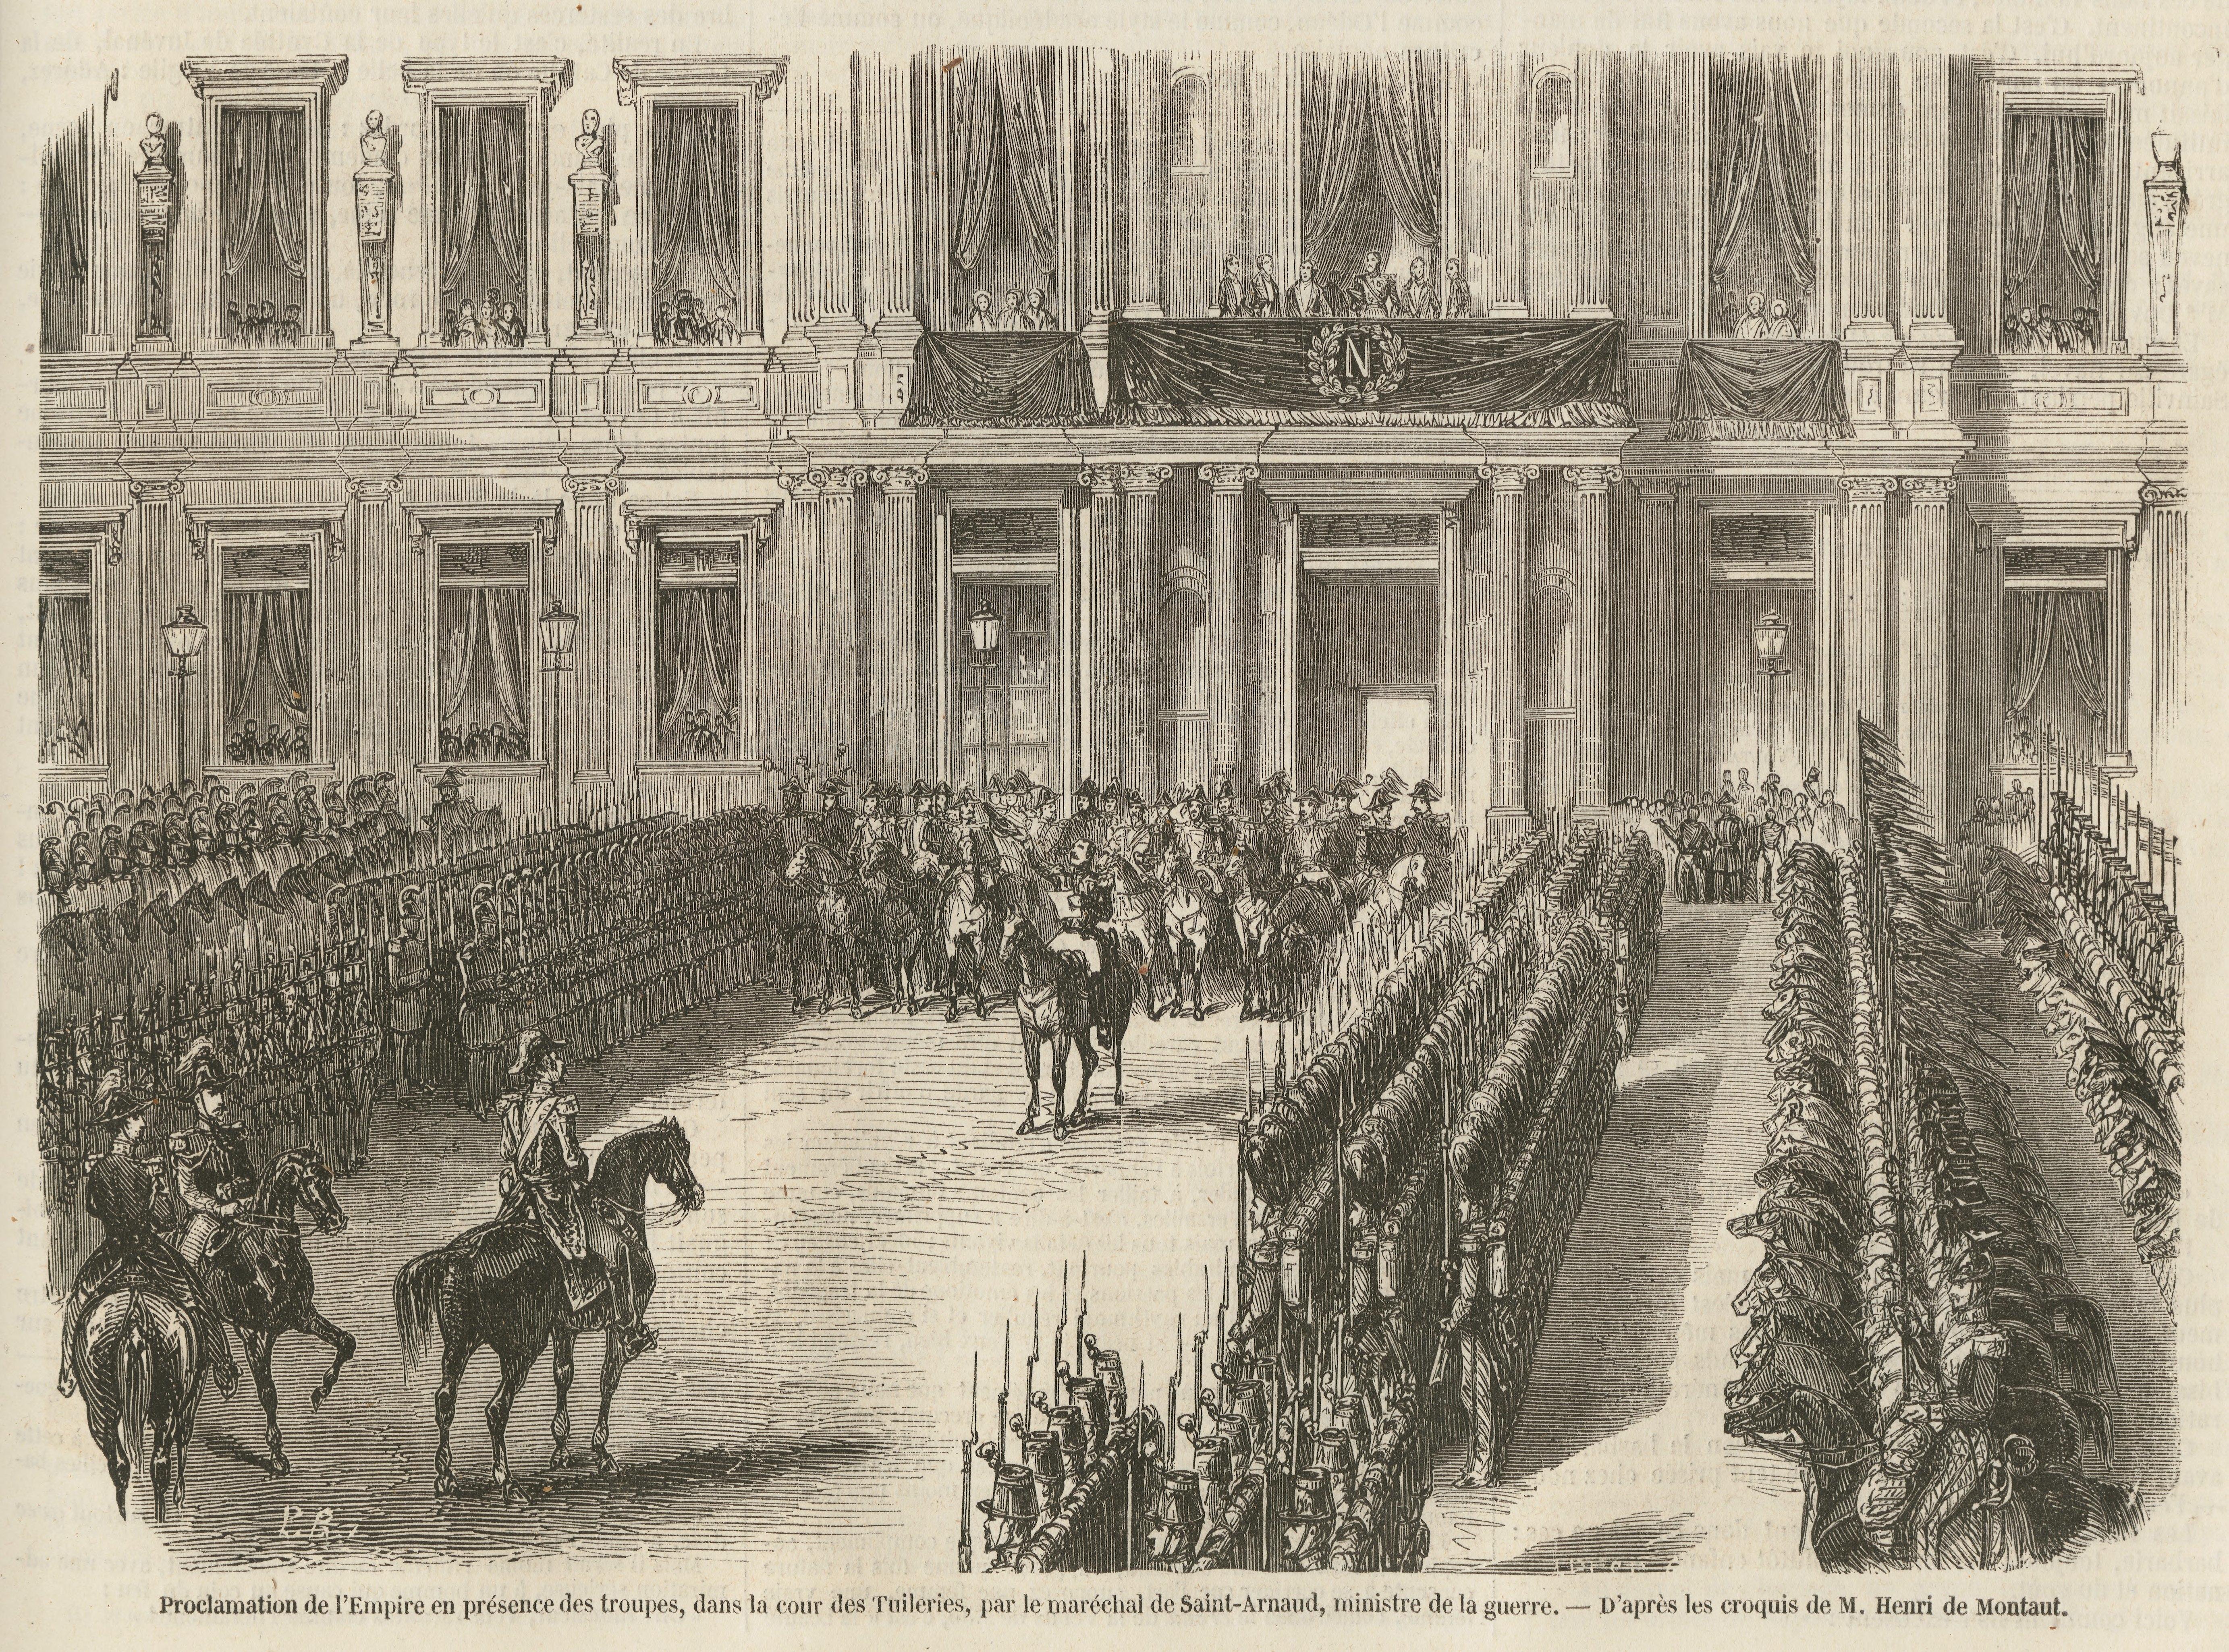 File:Proclamation de l'Empire, à l'Hôtel de ville, le